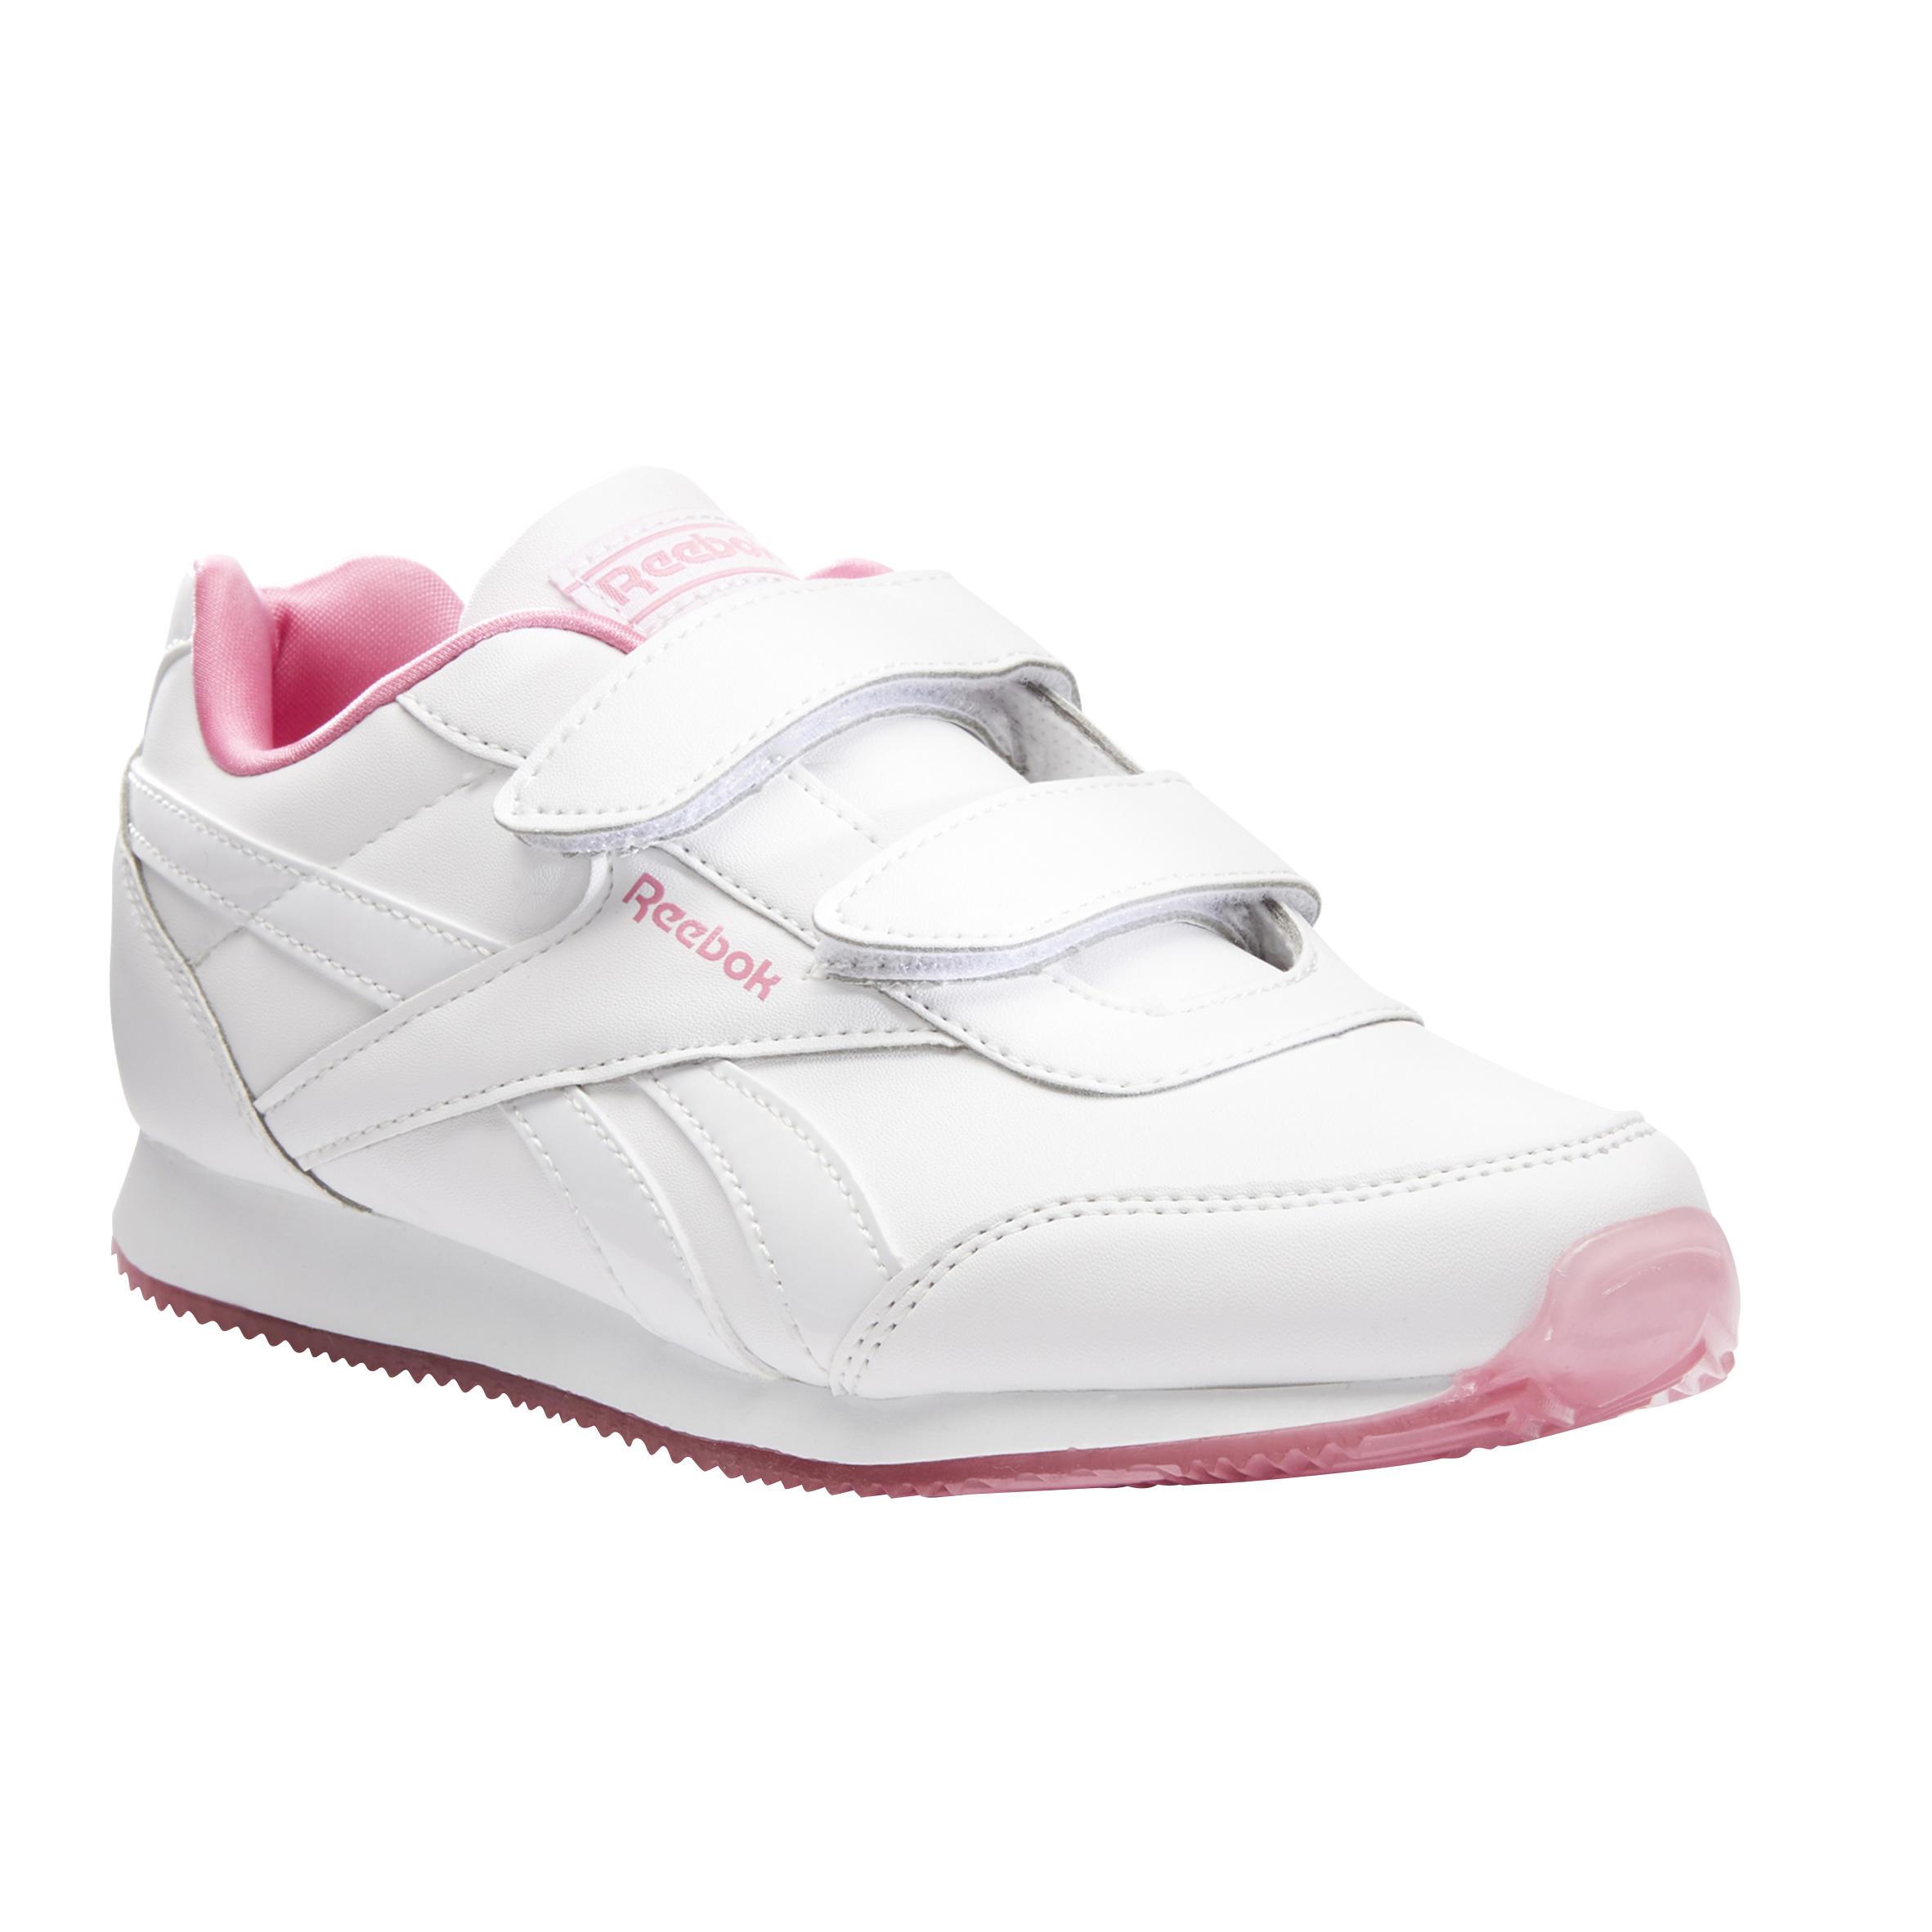 famous brand exclusive range order online Chaussures de Marche Rapide et Sportive Enfant | Decathlon